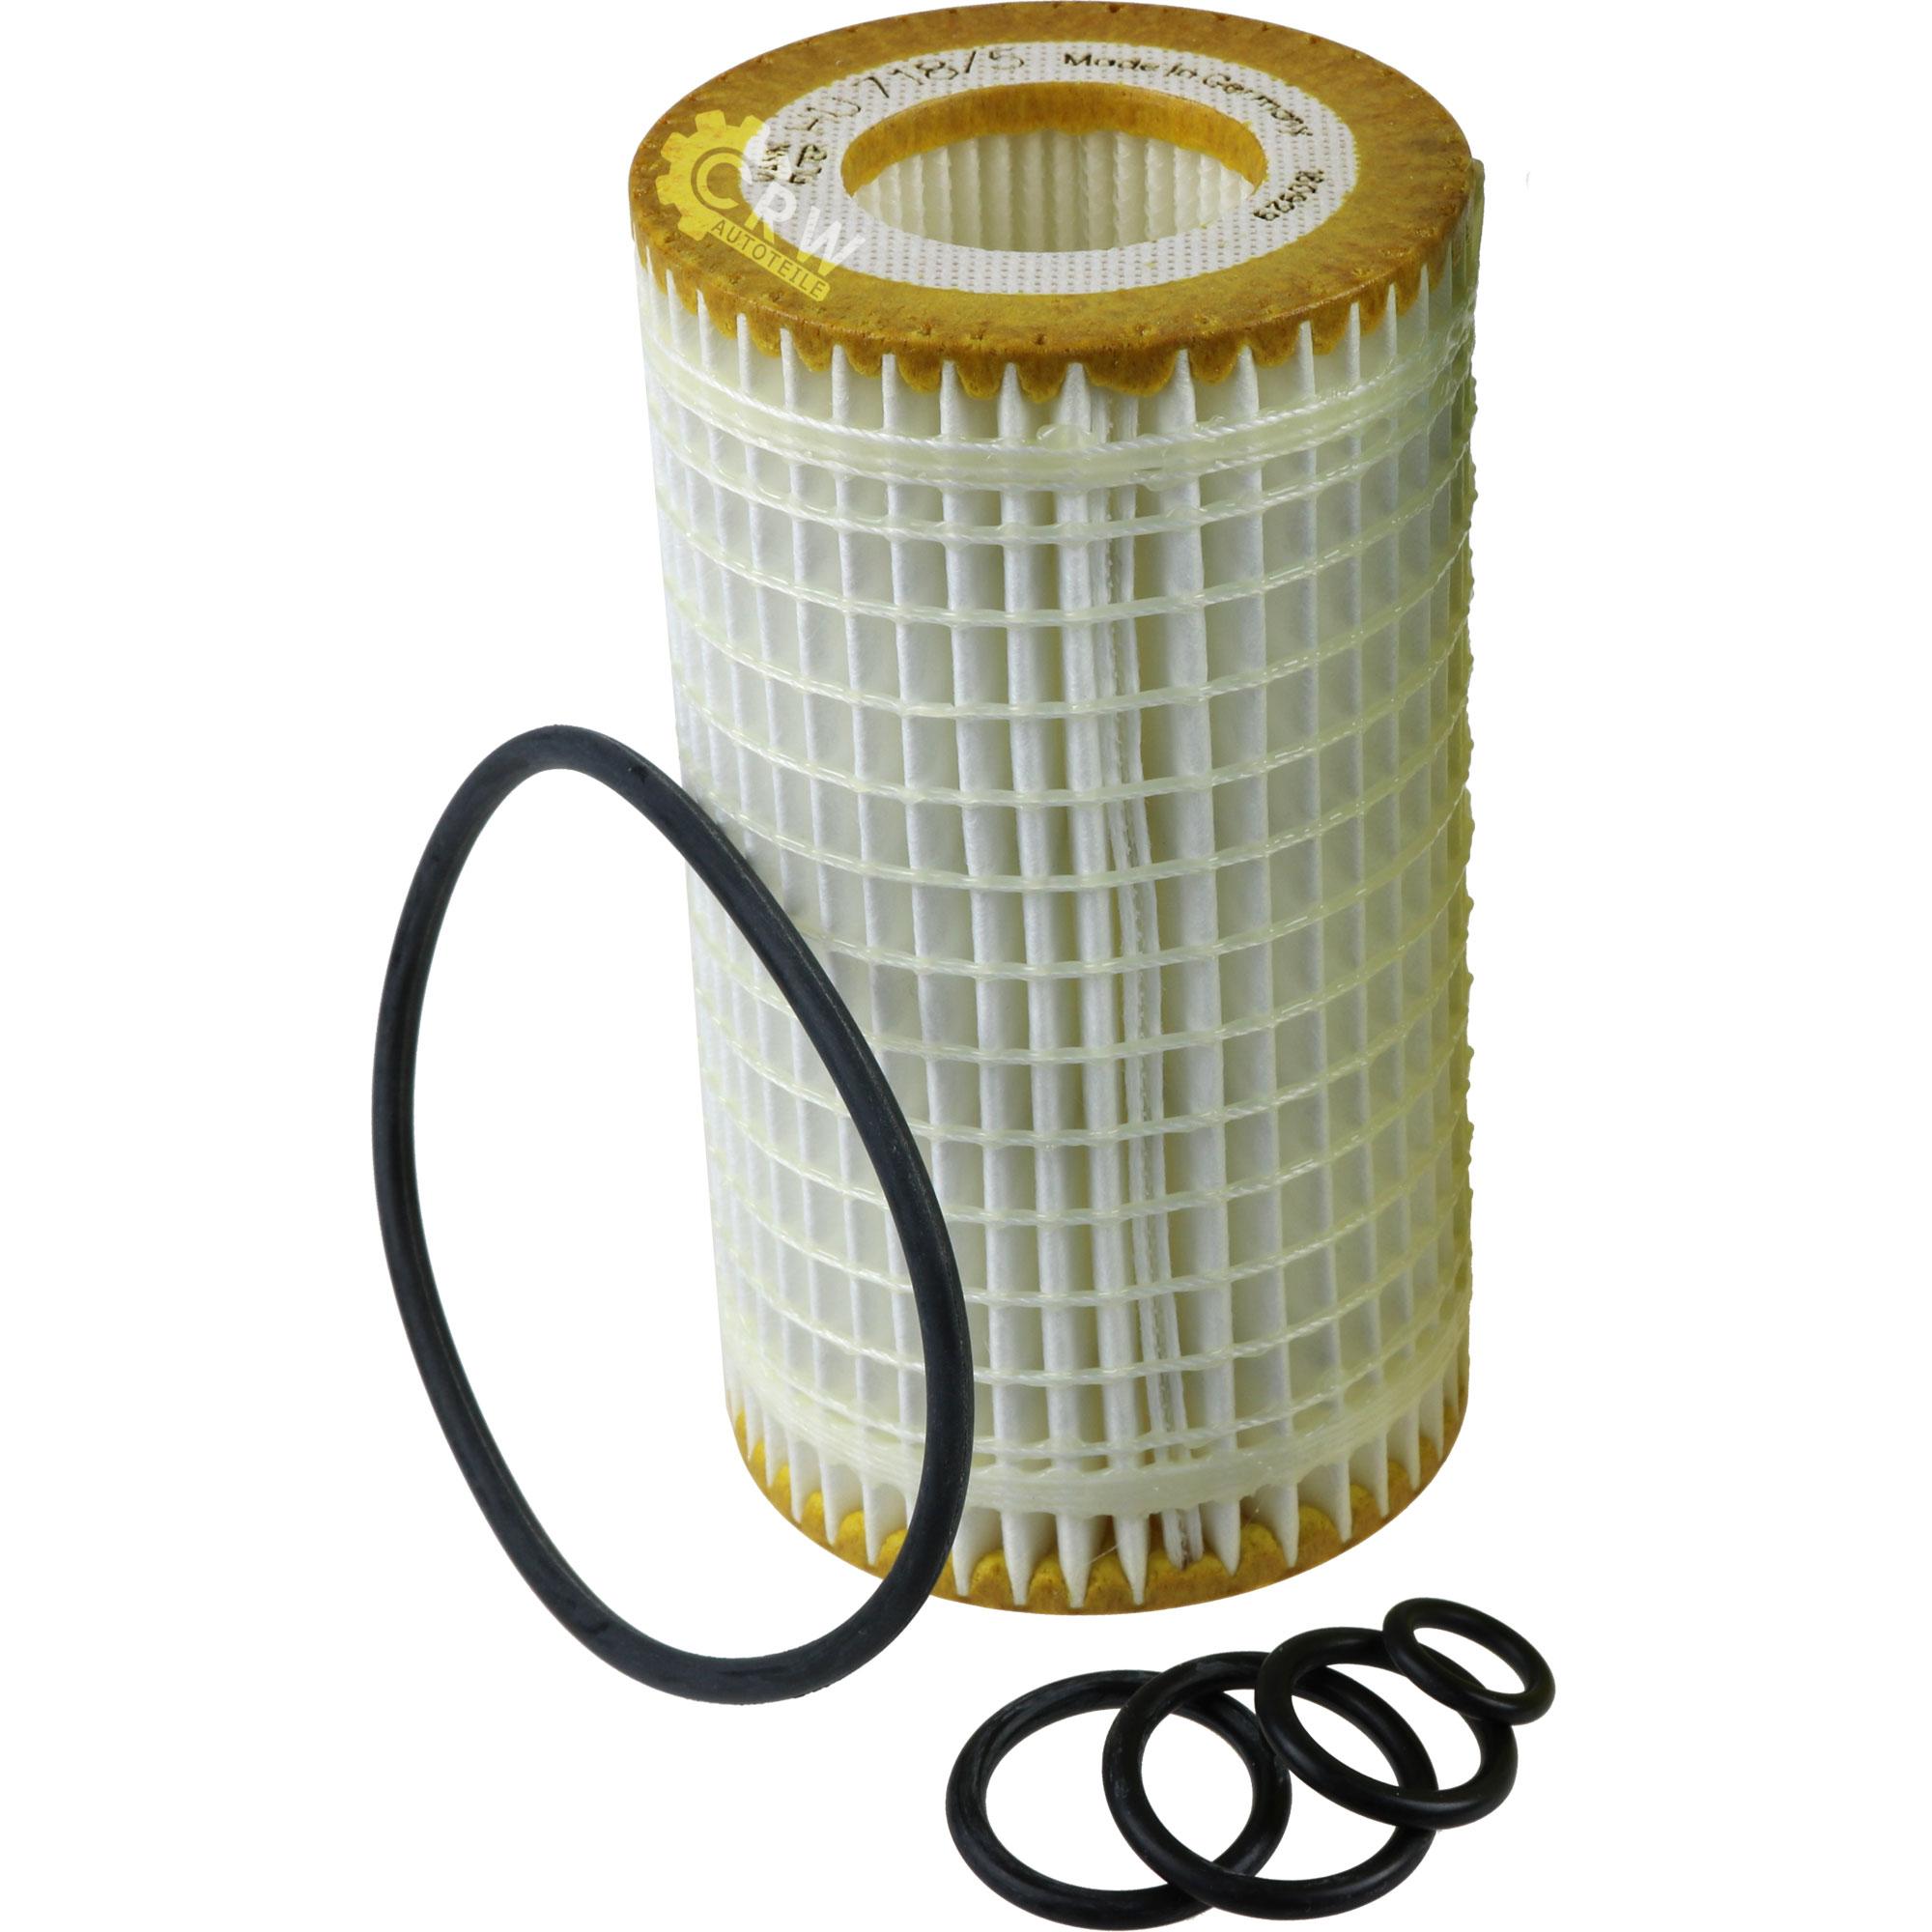 Inspektionspaket-10L-Mercedes-Ol-229-51-5W30-MANN-Luftfilter-Olfilter-11134262 Indexbild 7